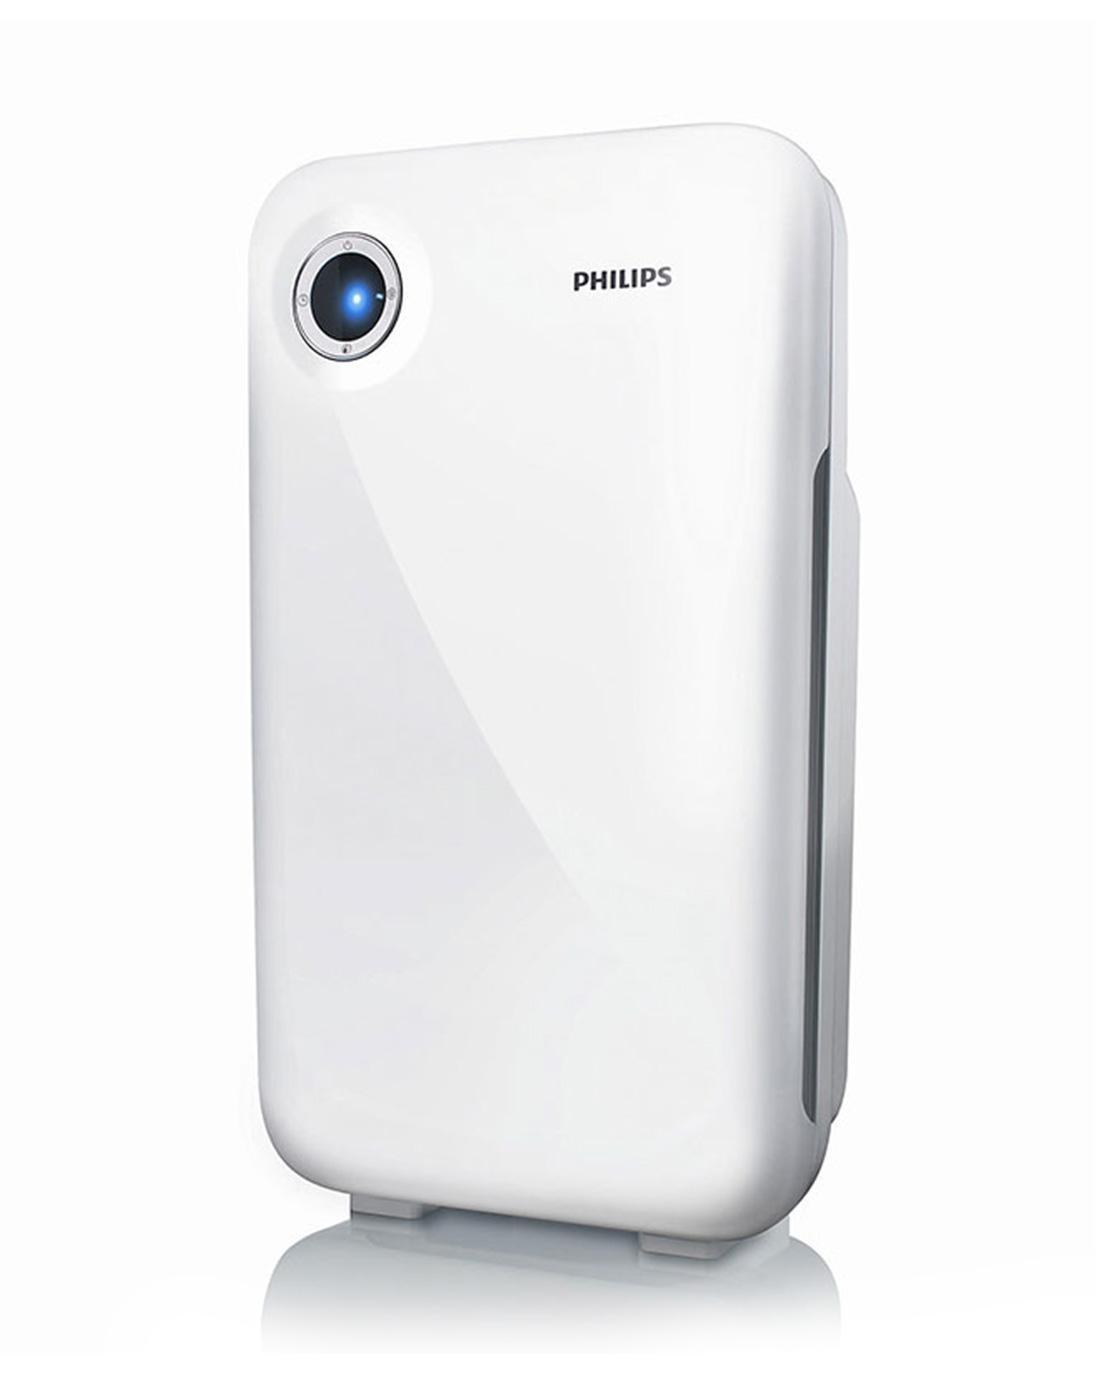 斐纳空气净化器价格—斐纳空气净化器系列产品价格